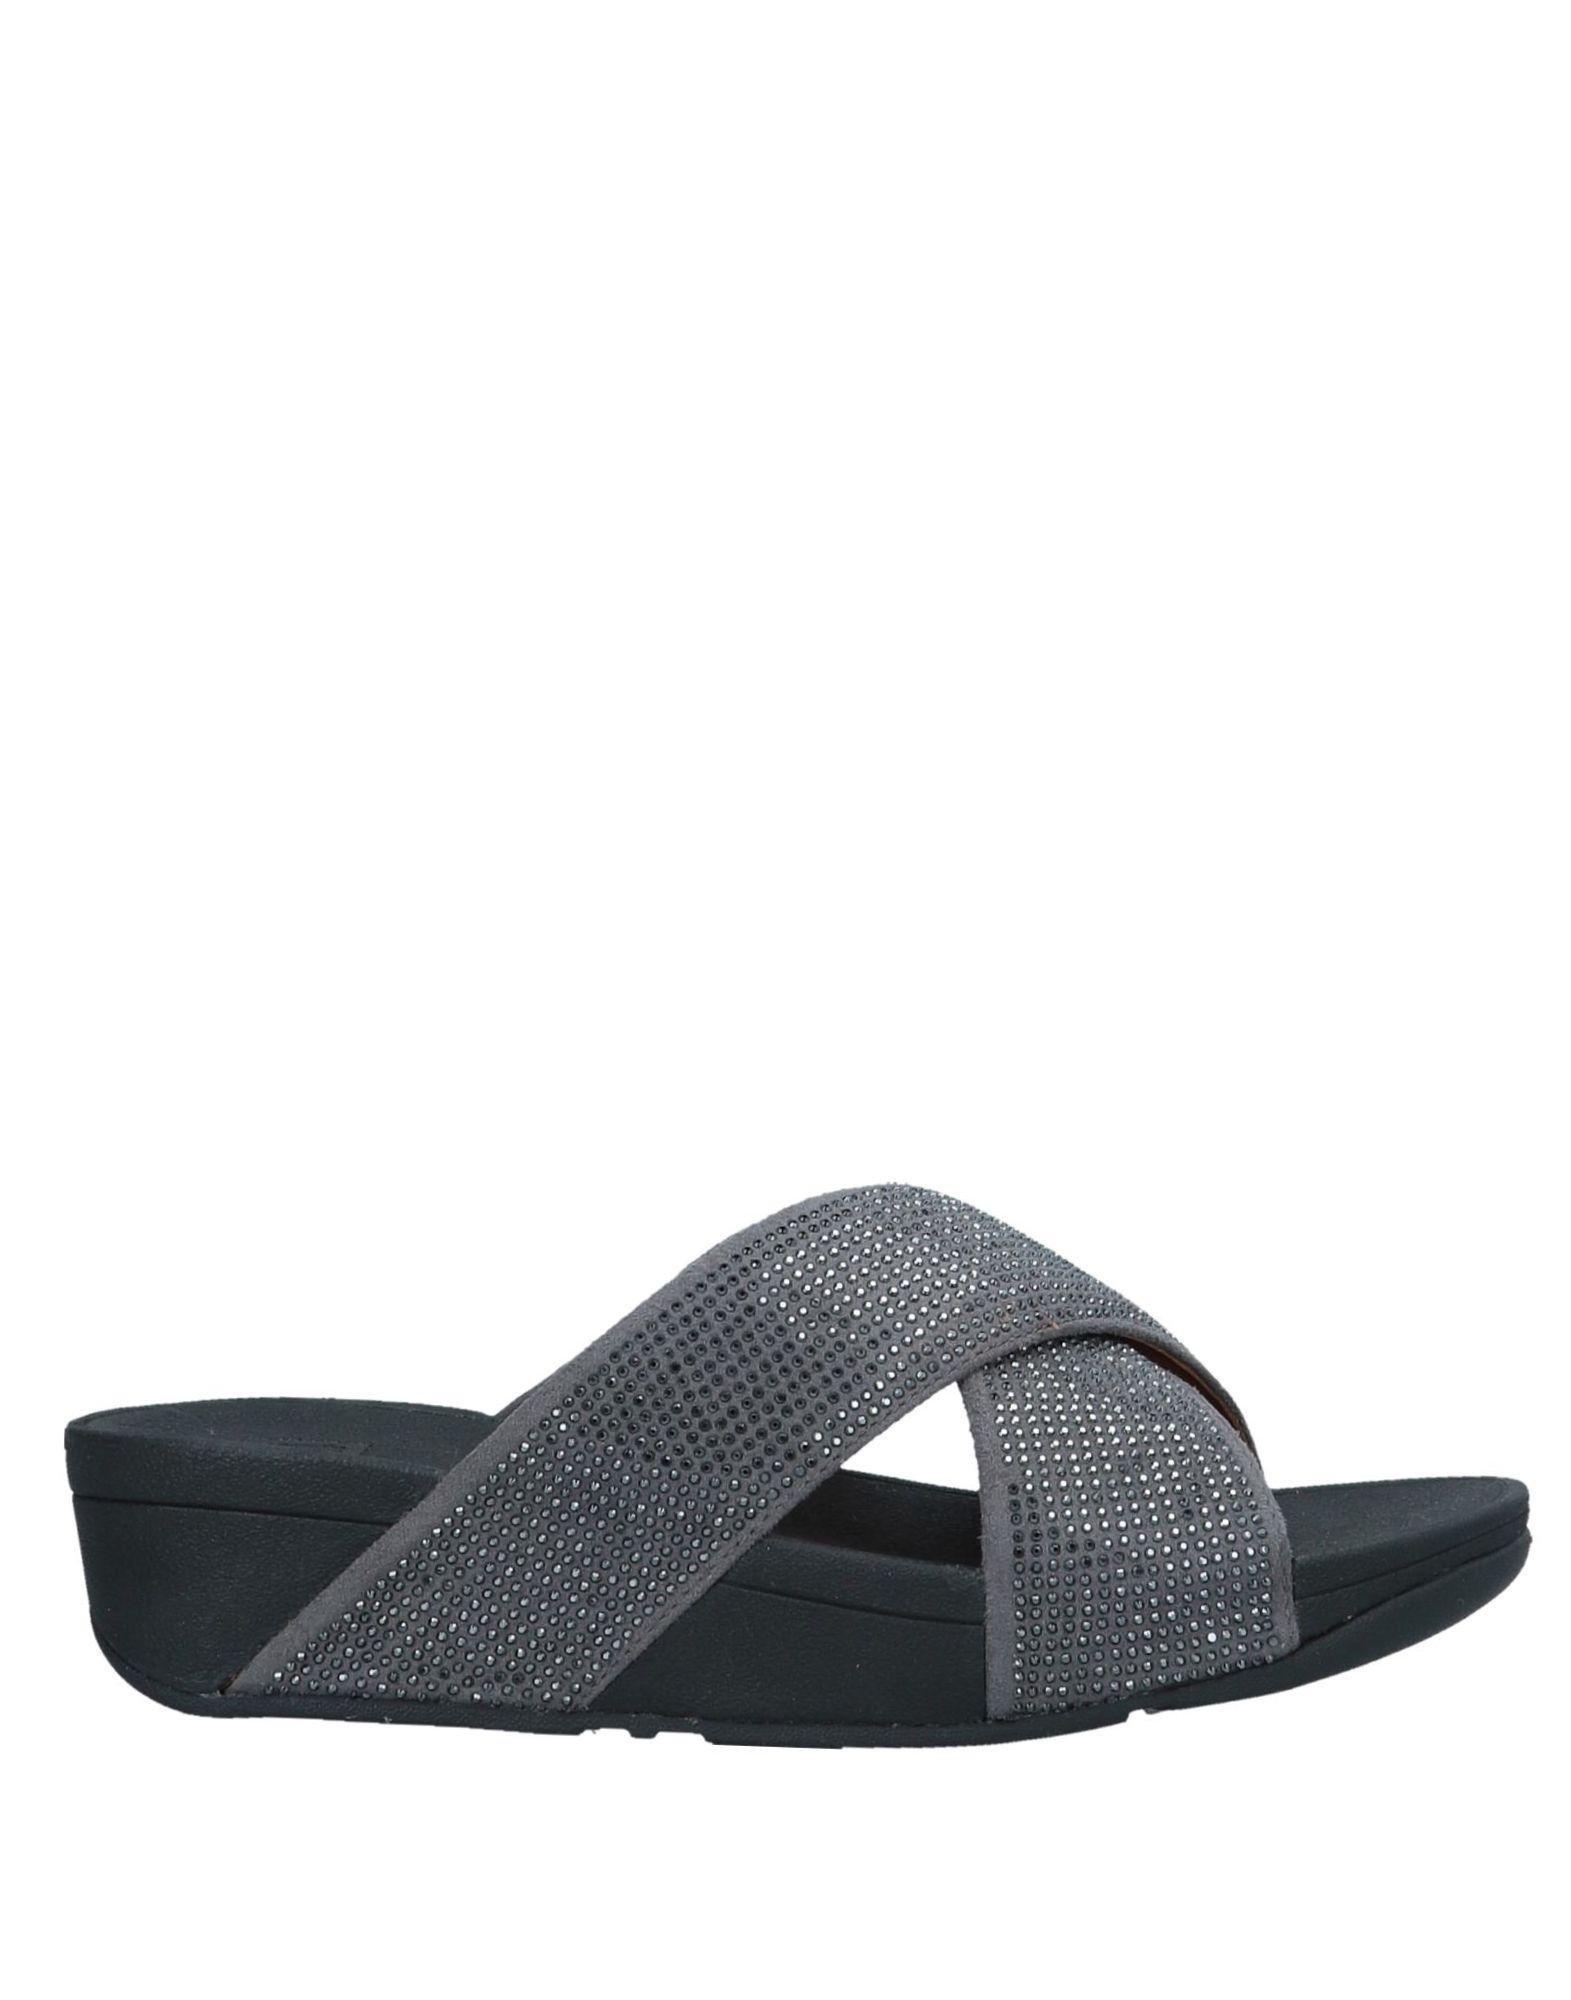 9114df39c Lyst - Fitflop Ritzy Slide Open Toe Sandals in Gray